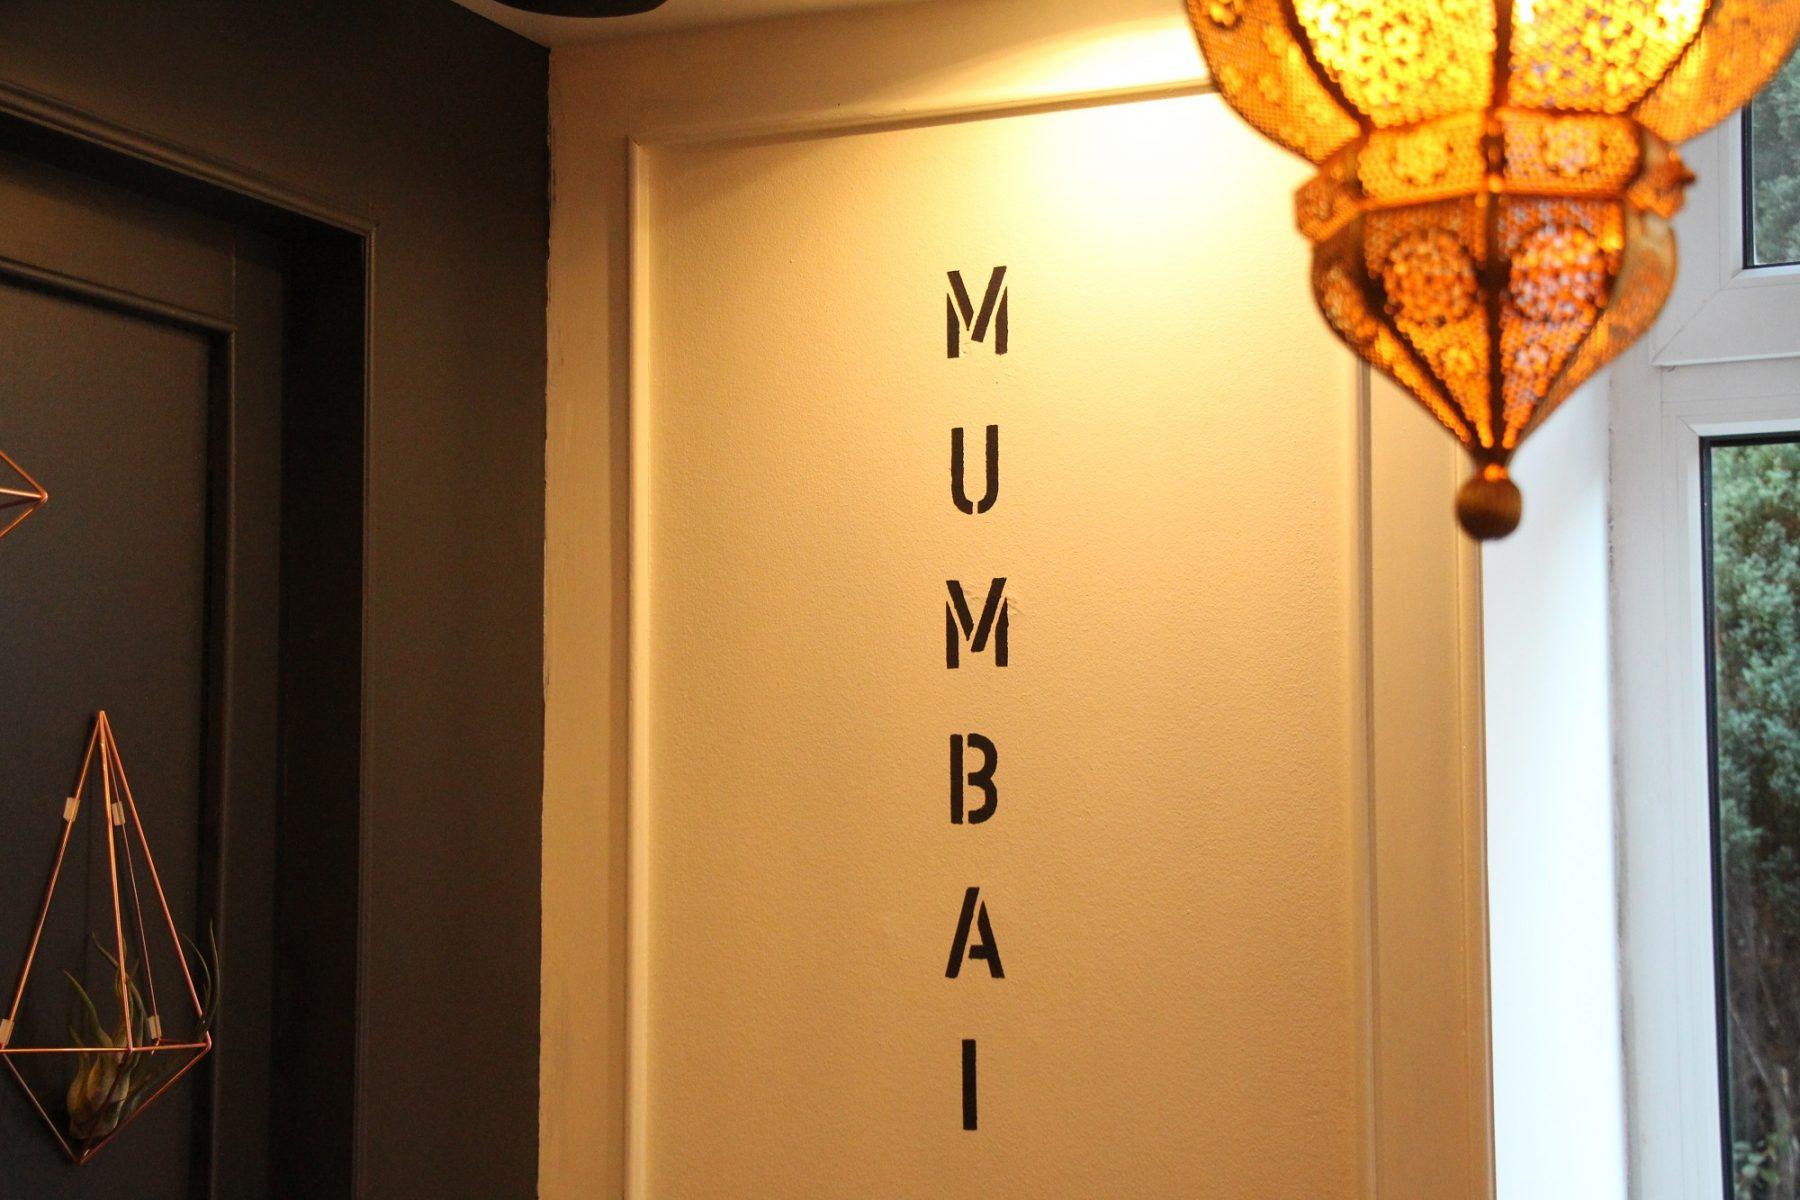 Tarun Ranas Lebensweg ist an den Wänden des Restaurants festgehalten.